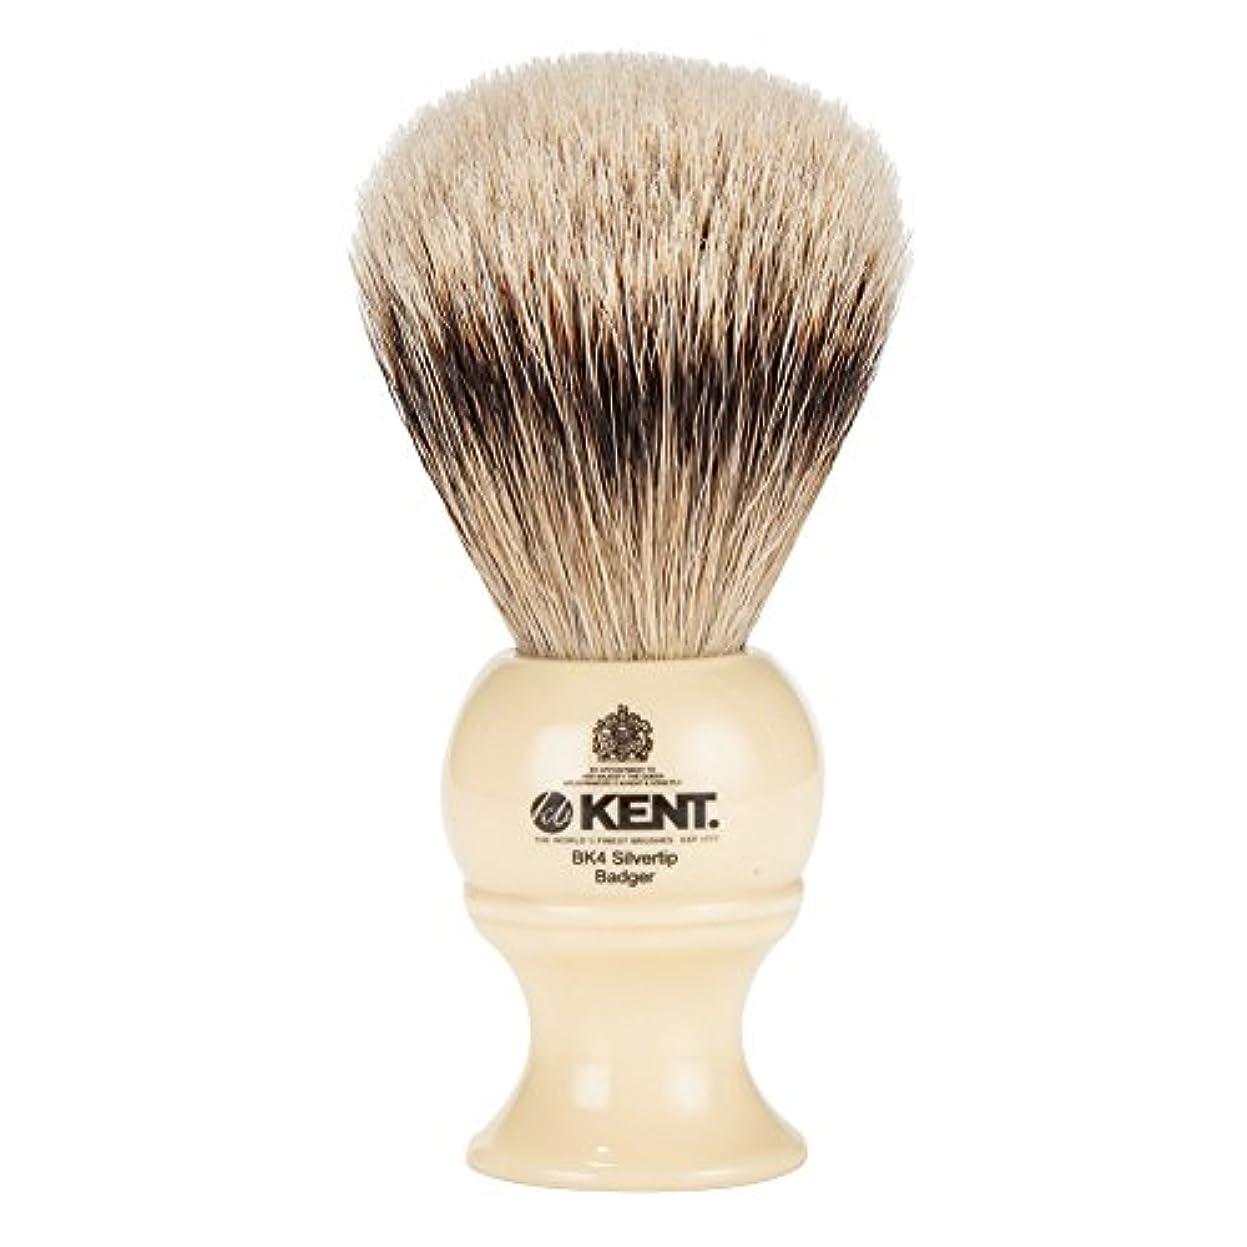 問い合わせるカップ拮抗する[ ケント ブラシ ] Kent Brush シルバーチップアナグマ シェービングブラシ (Mサイズ) BK4 ホワイト 髭剃り [並行輸入品]